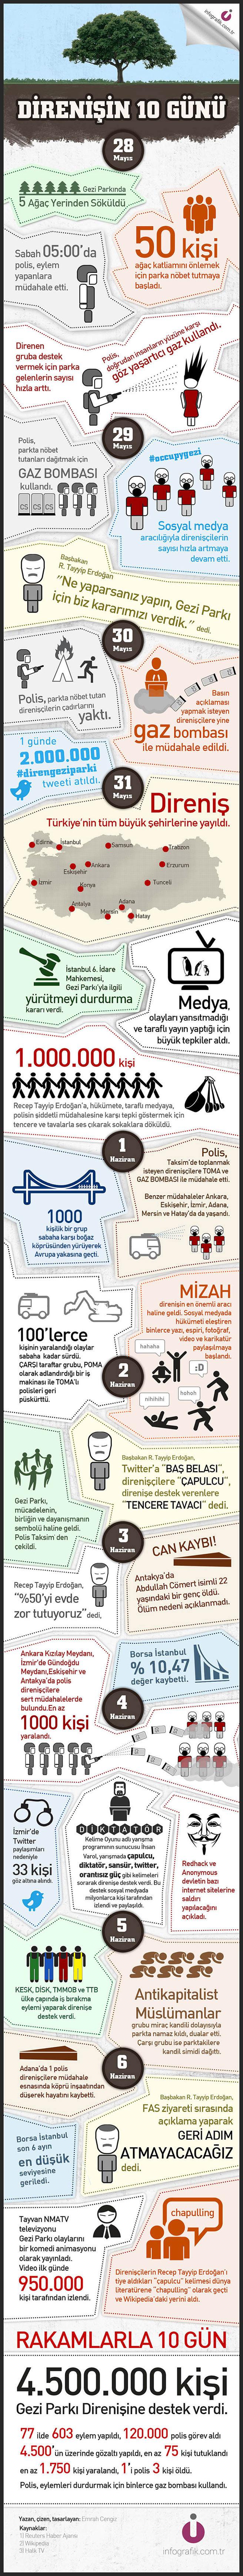 Gezi Parkı Direnişi'nin 10 Günü